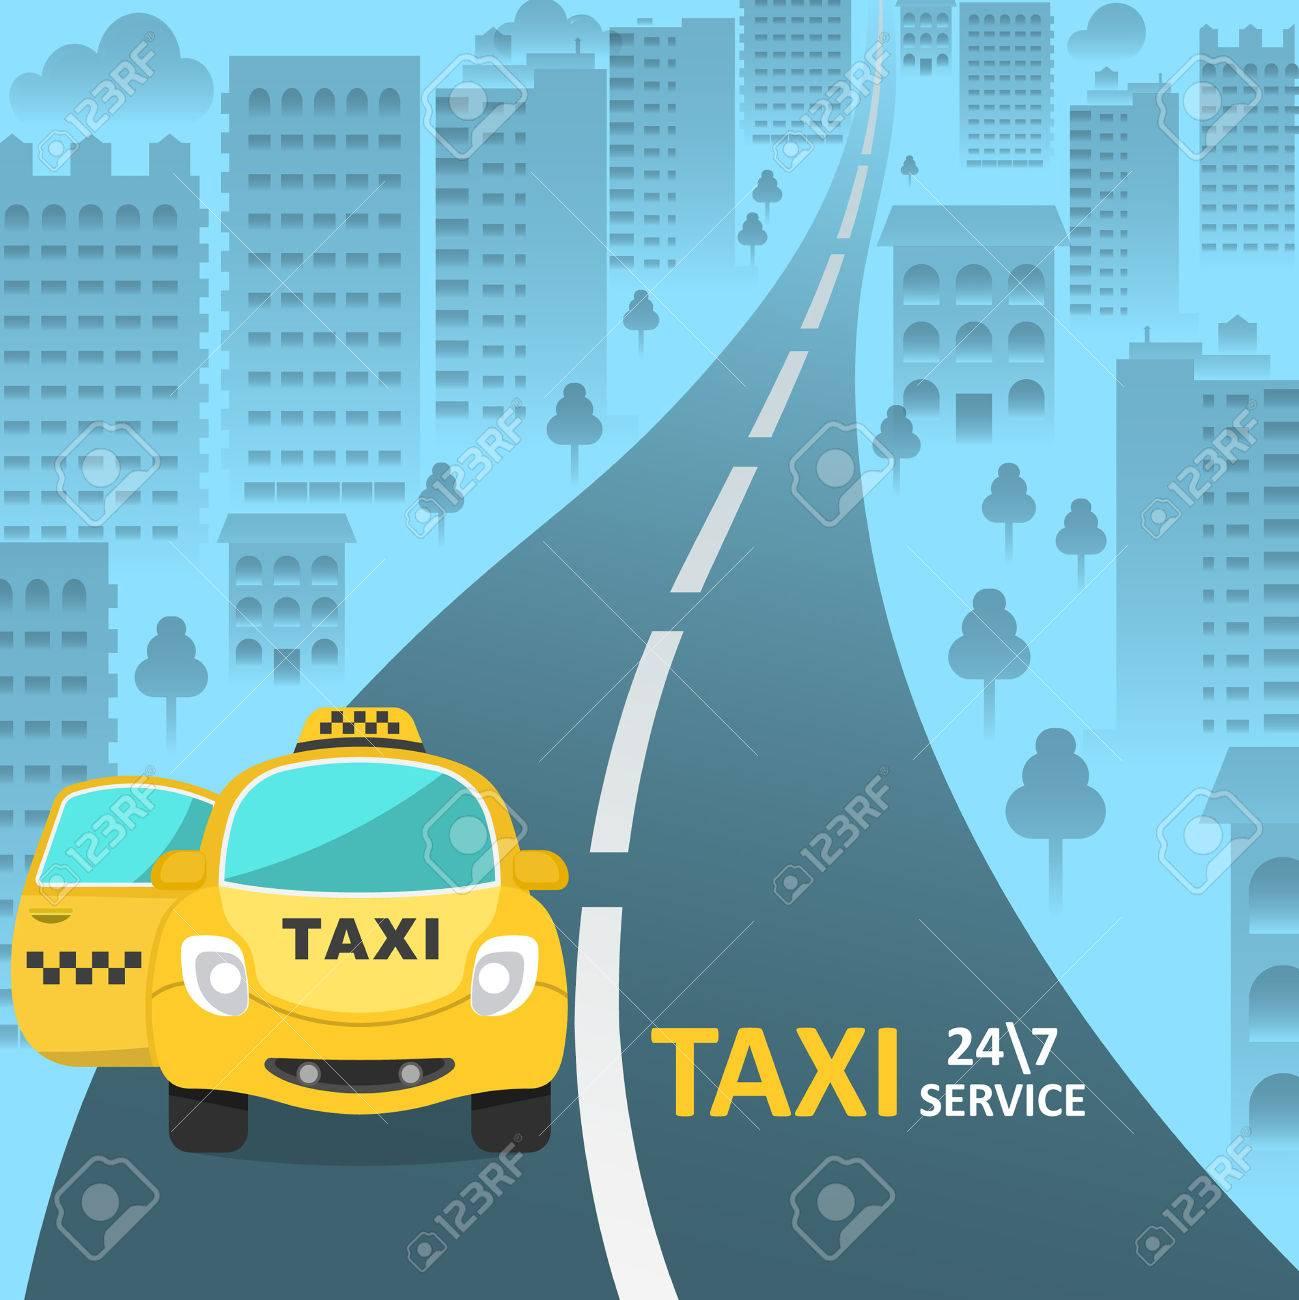 La Voiture De Taxi Avec Une Porte Passager Ouverte Sur Rue Ville Service Clientle Dun 24 Illustration Vecteur Dans Le Style